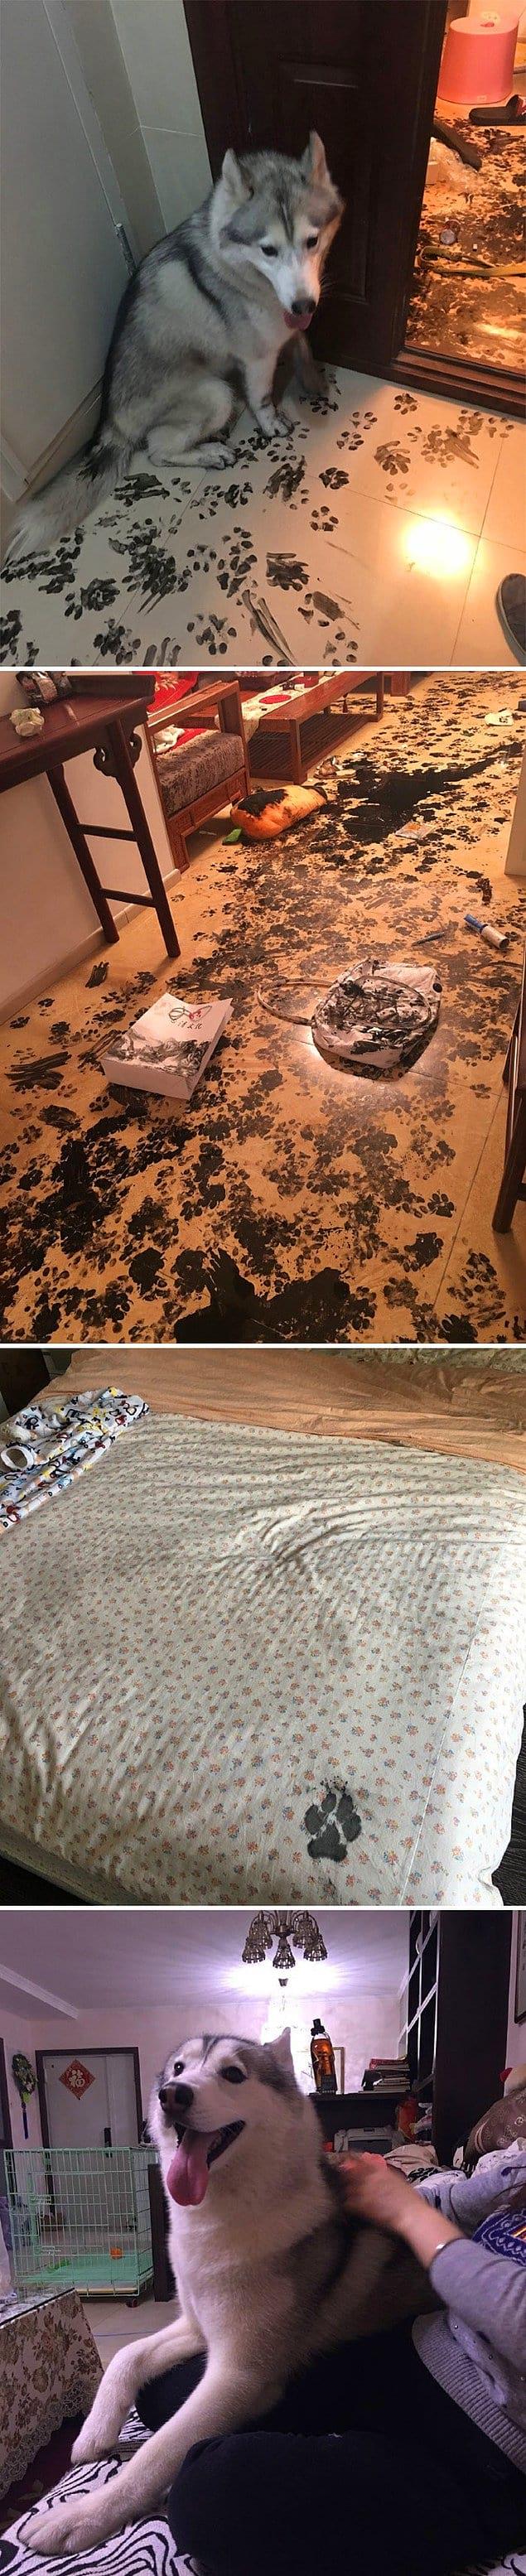 Семья ушла в кино на три часа и, придя домой, обнаружила все это и единственный отпечаток лапы на кровати — «Погодите-ка, мне же нельзя залезать на кровать, я же хороший мальчик!»